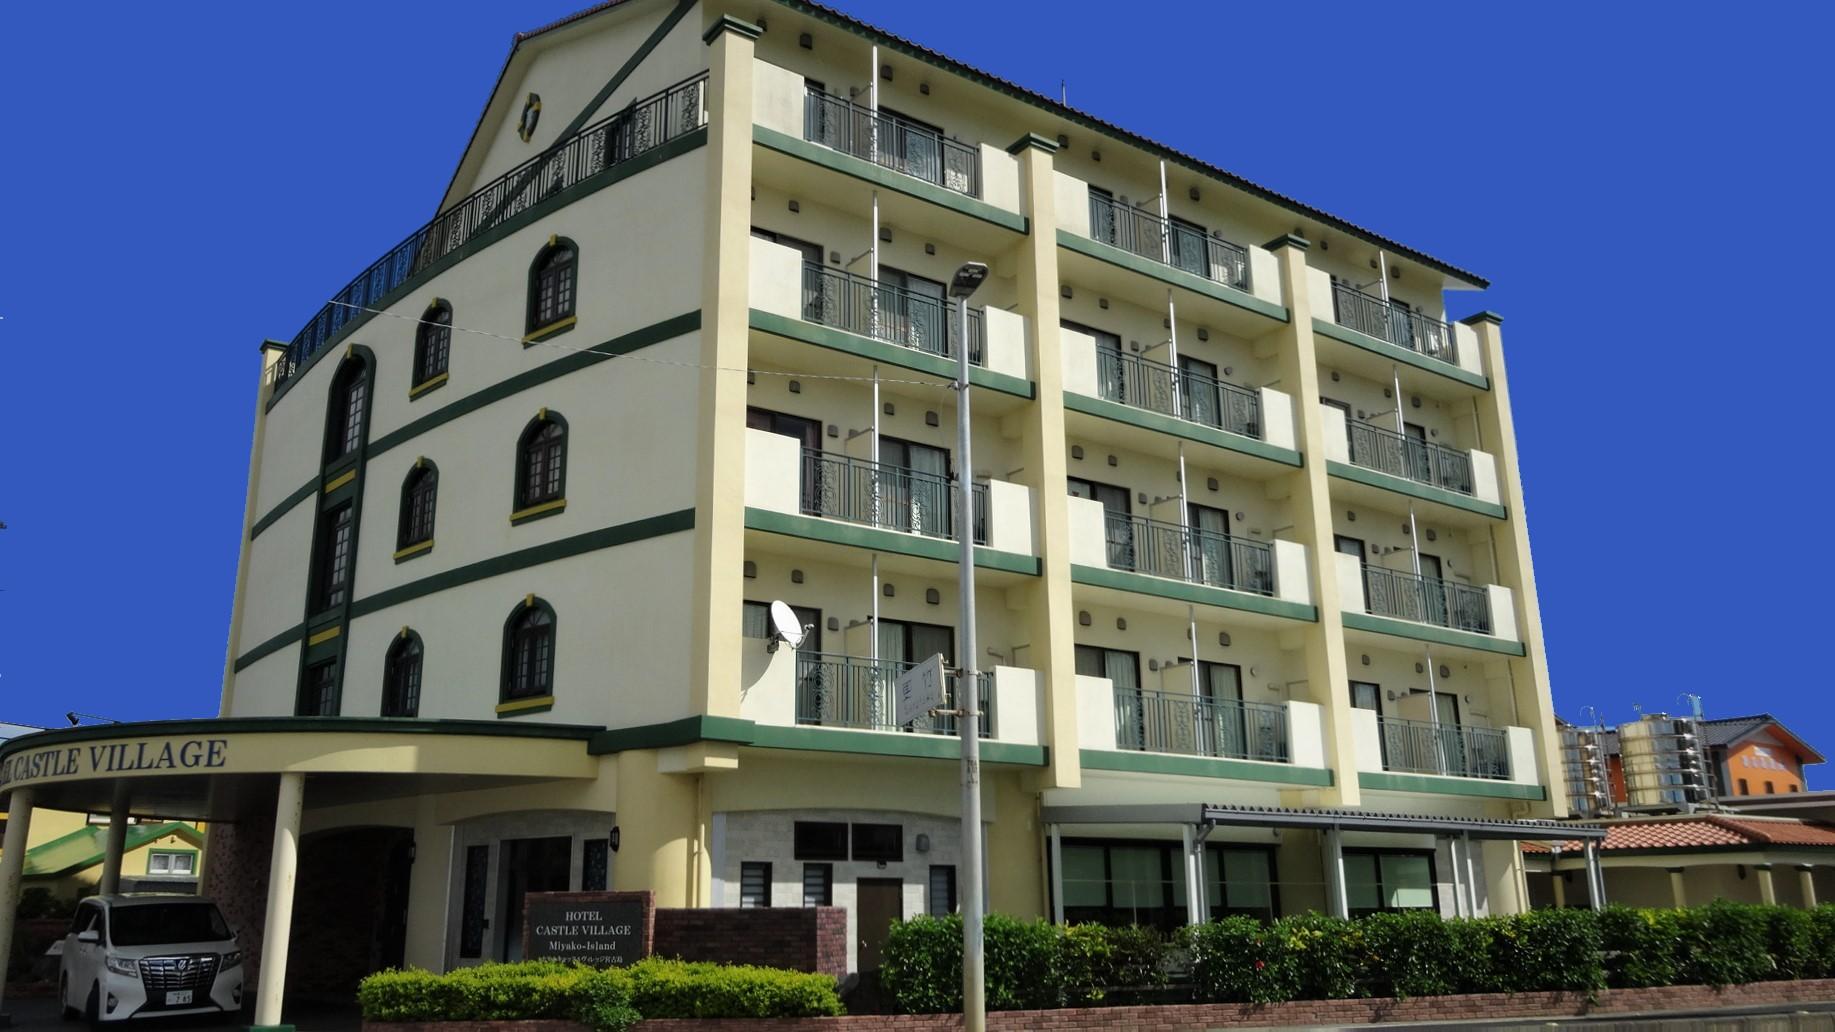 ホテルキャッスルヴィレッジ宮古島(旧宮古島温泉ホテル)<宮古島>